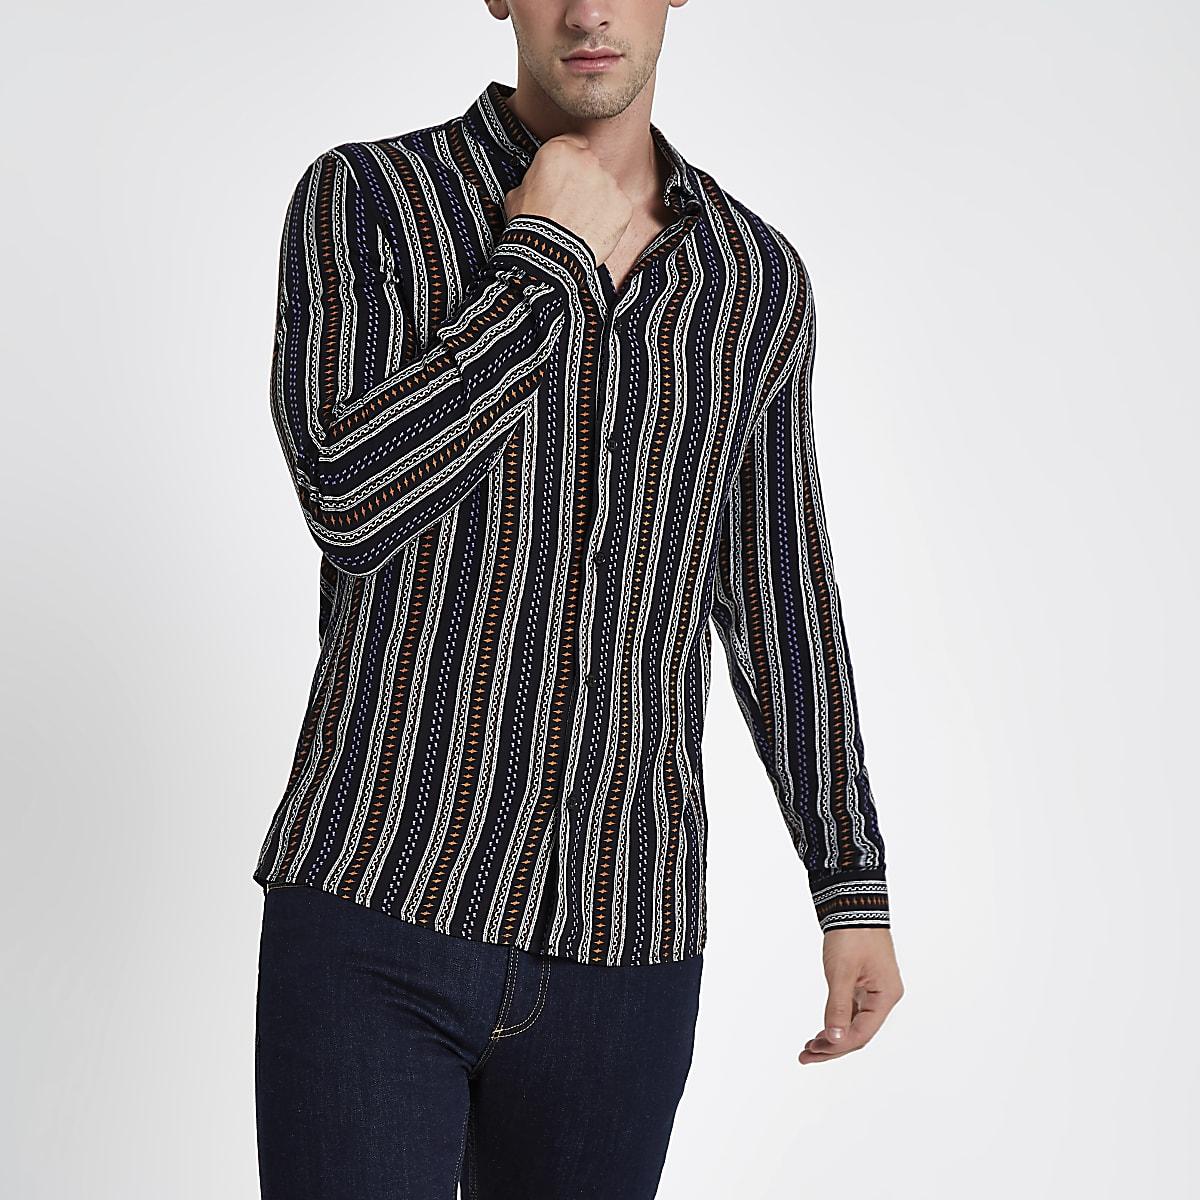 Zwart overhemd met lange mouwen, strepen en aztekenprint